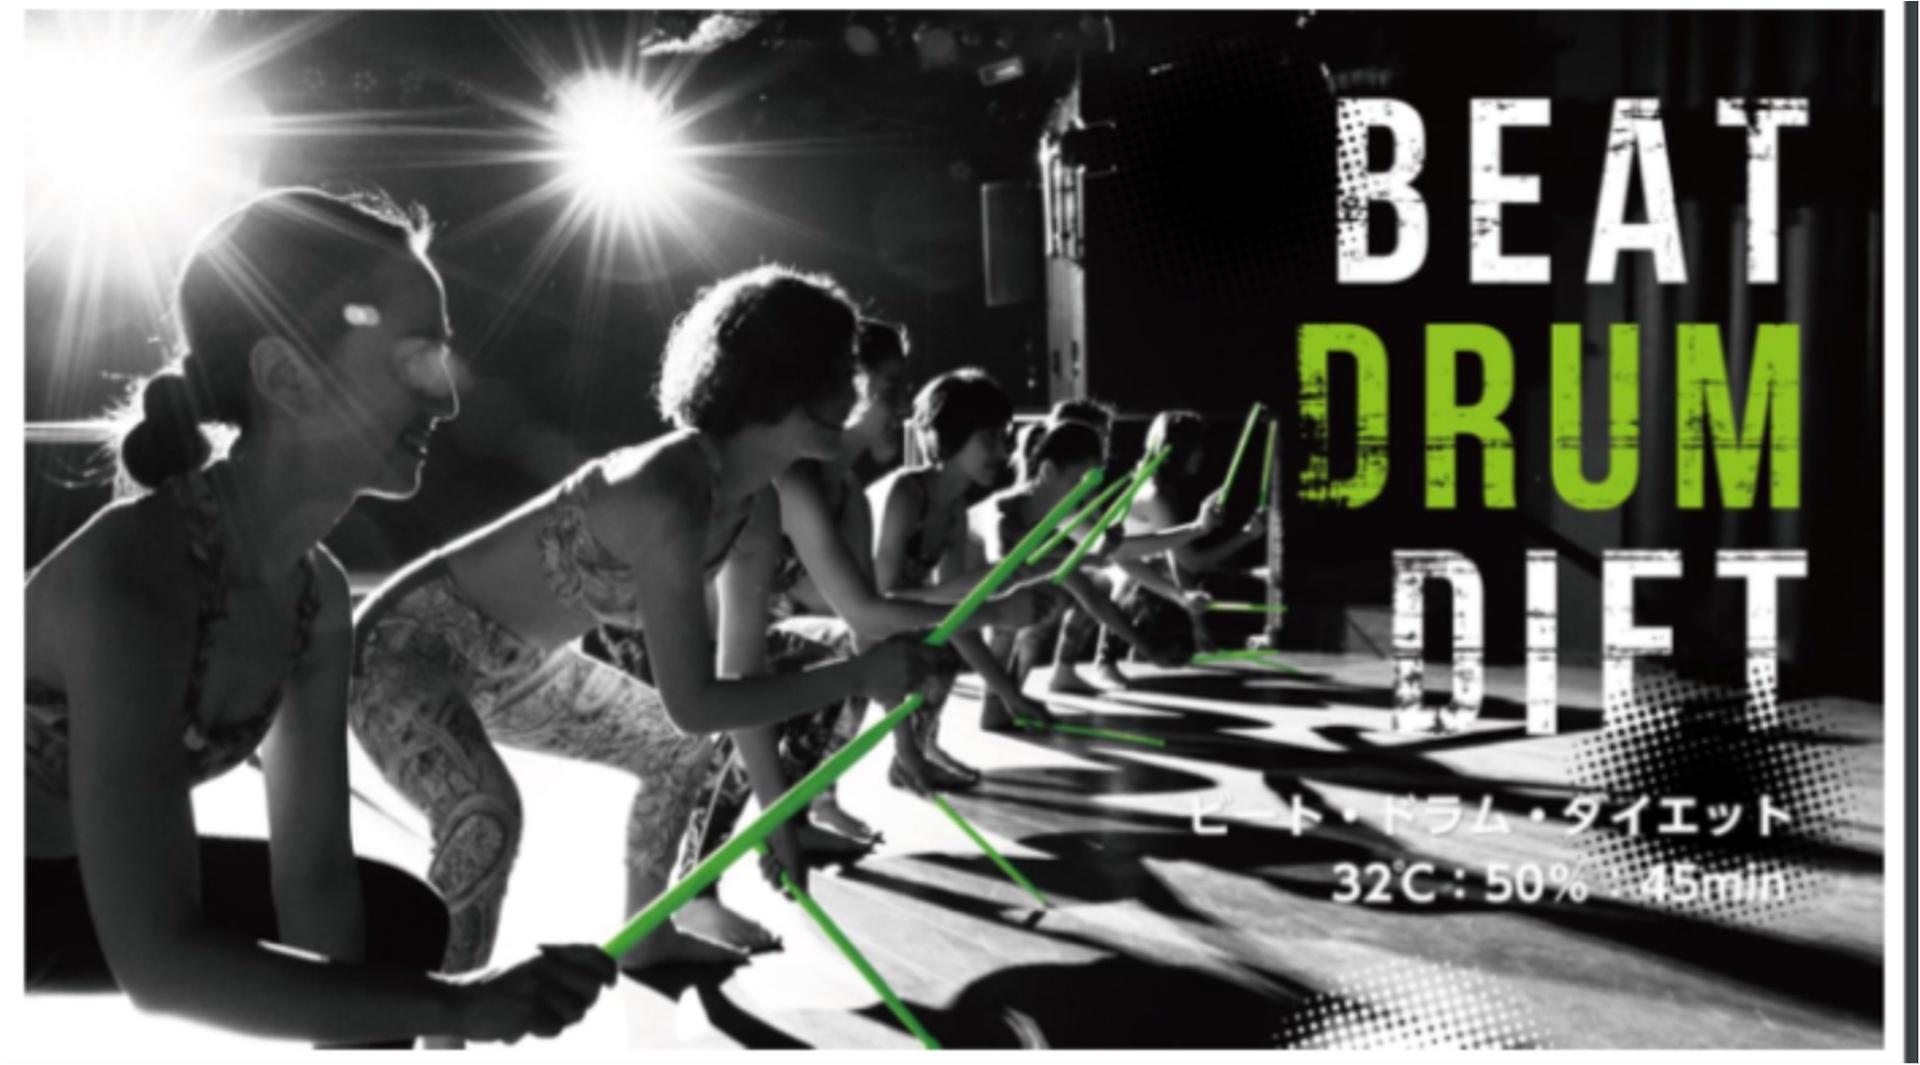 日本発上陸! L.A.で話題の新感覚エクササイズ『BEAT DRUM DIET』を体験してきました♪ 【#モアチャレ 7キロ痩せ】_1